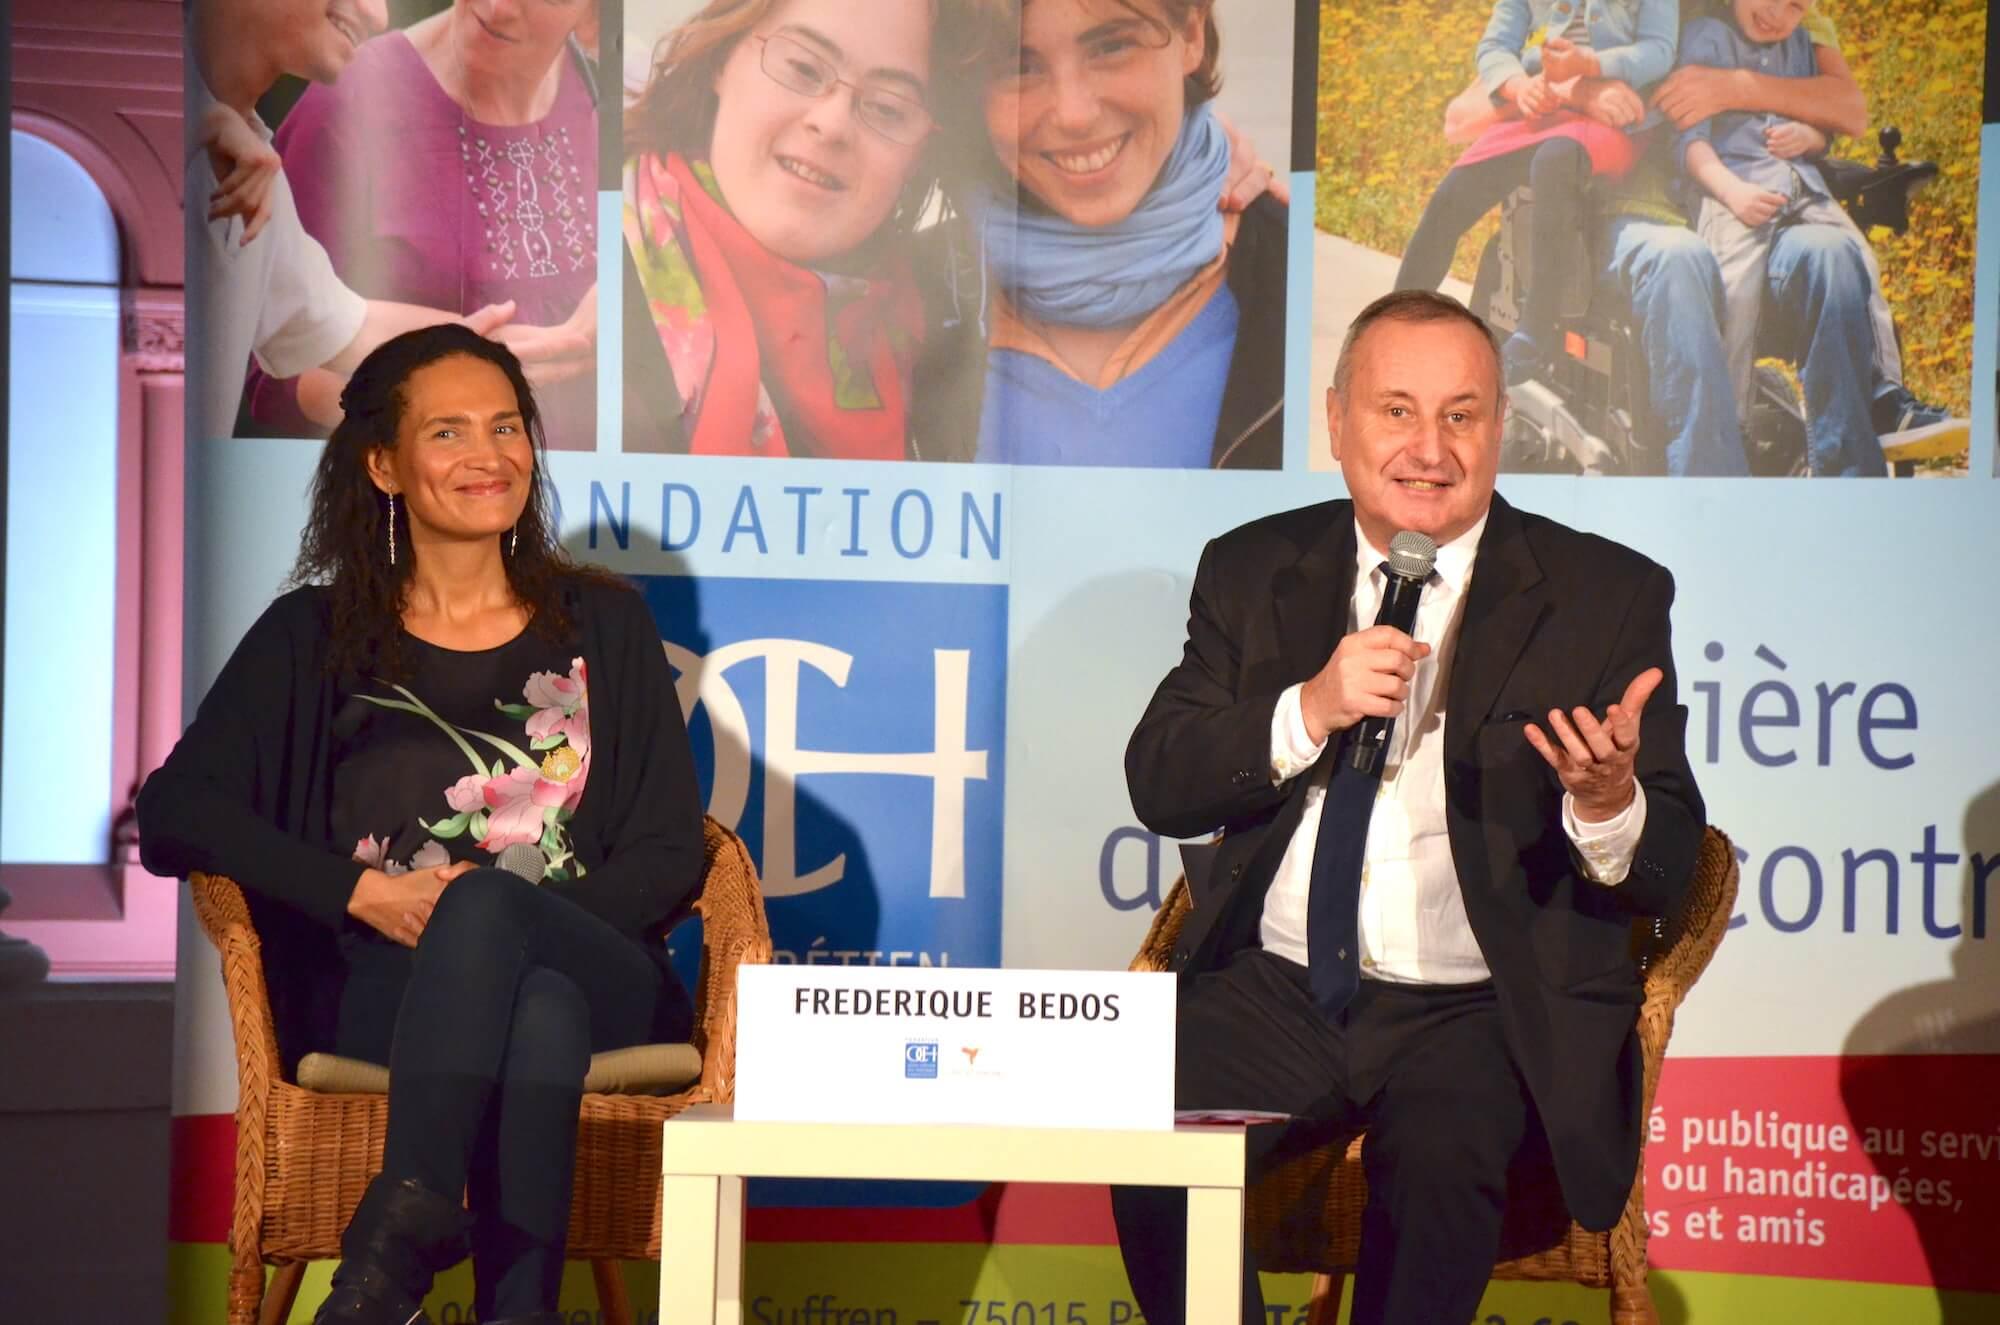 Frédérique Bedos et Philippe de Lachapelle en conférence pour l'OCH